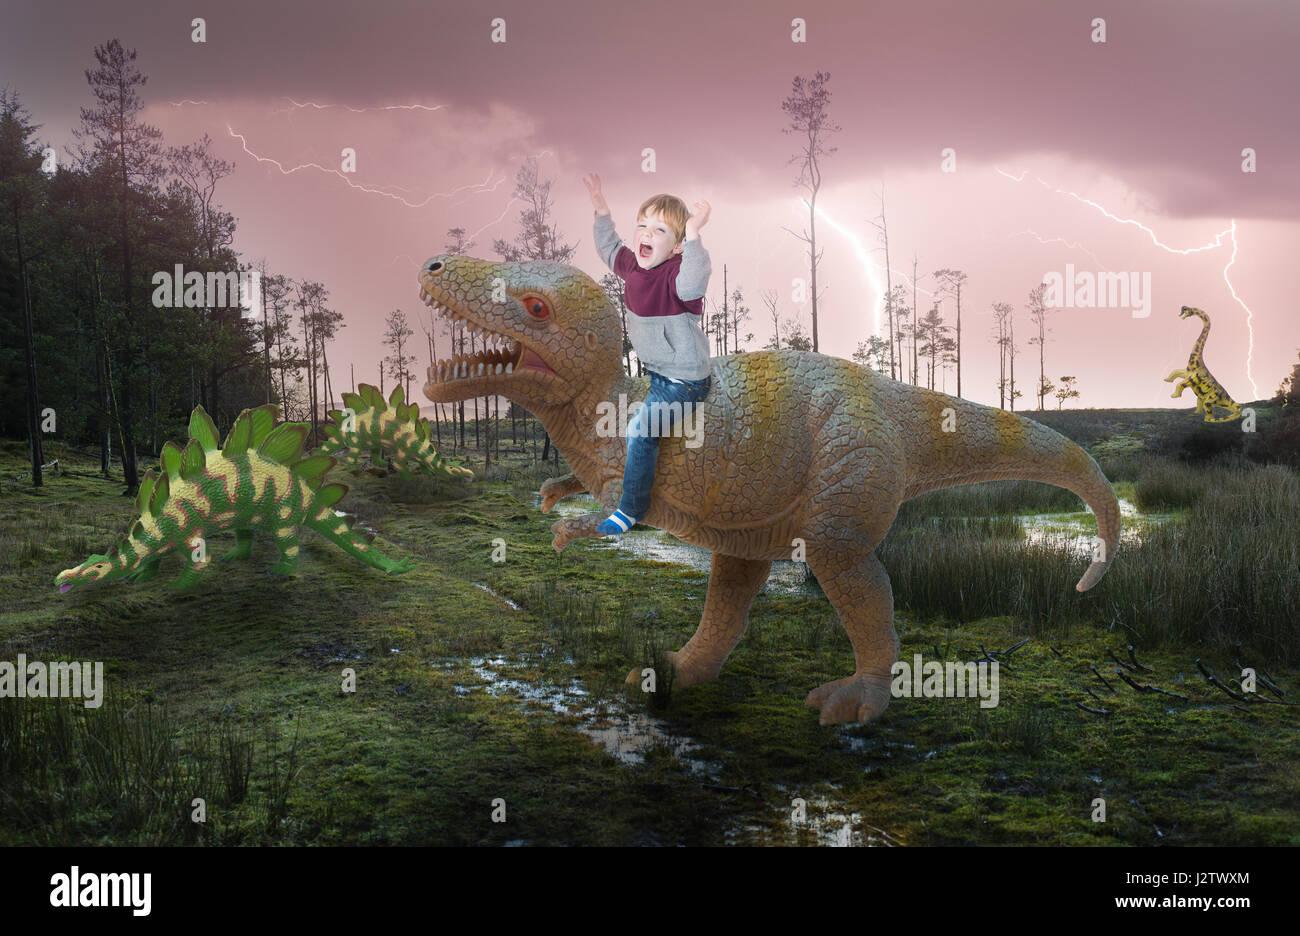 La fantasía de un niño cabalgando sobre un dinosaurio Imagen De Stock